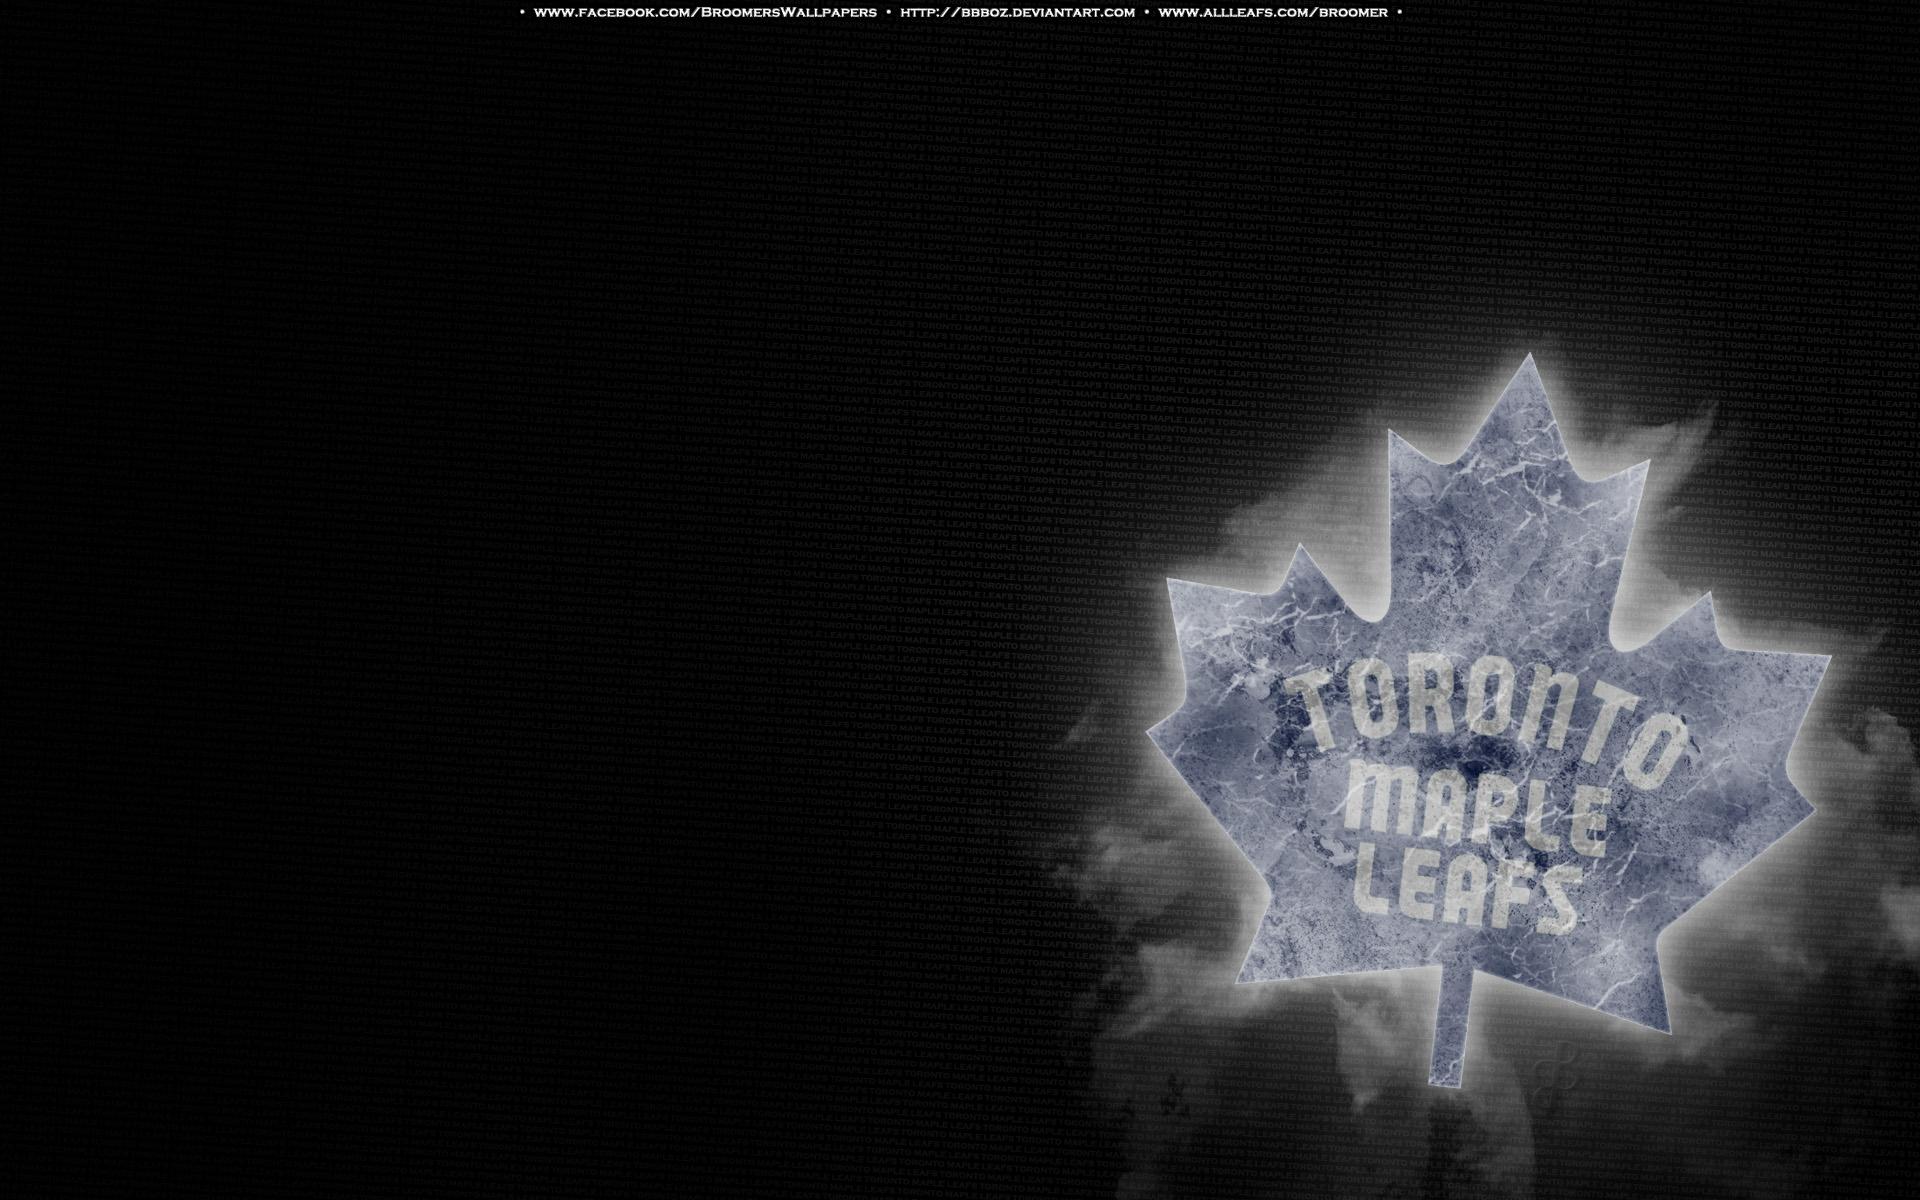 Toronto Maple Leafs 67 ICE by bbboz 1920x1200